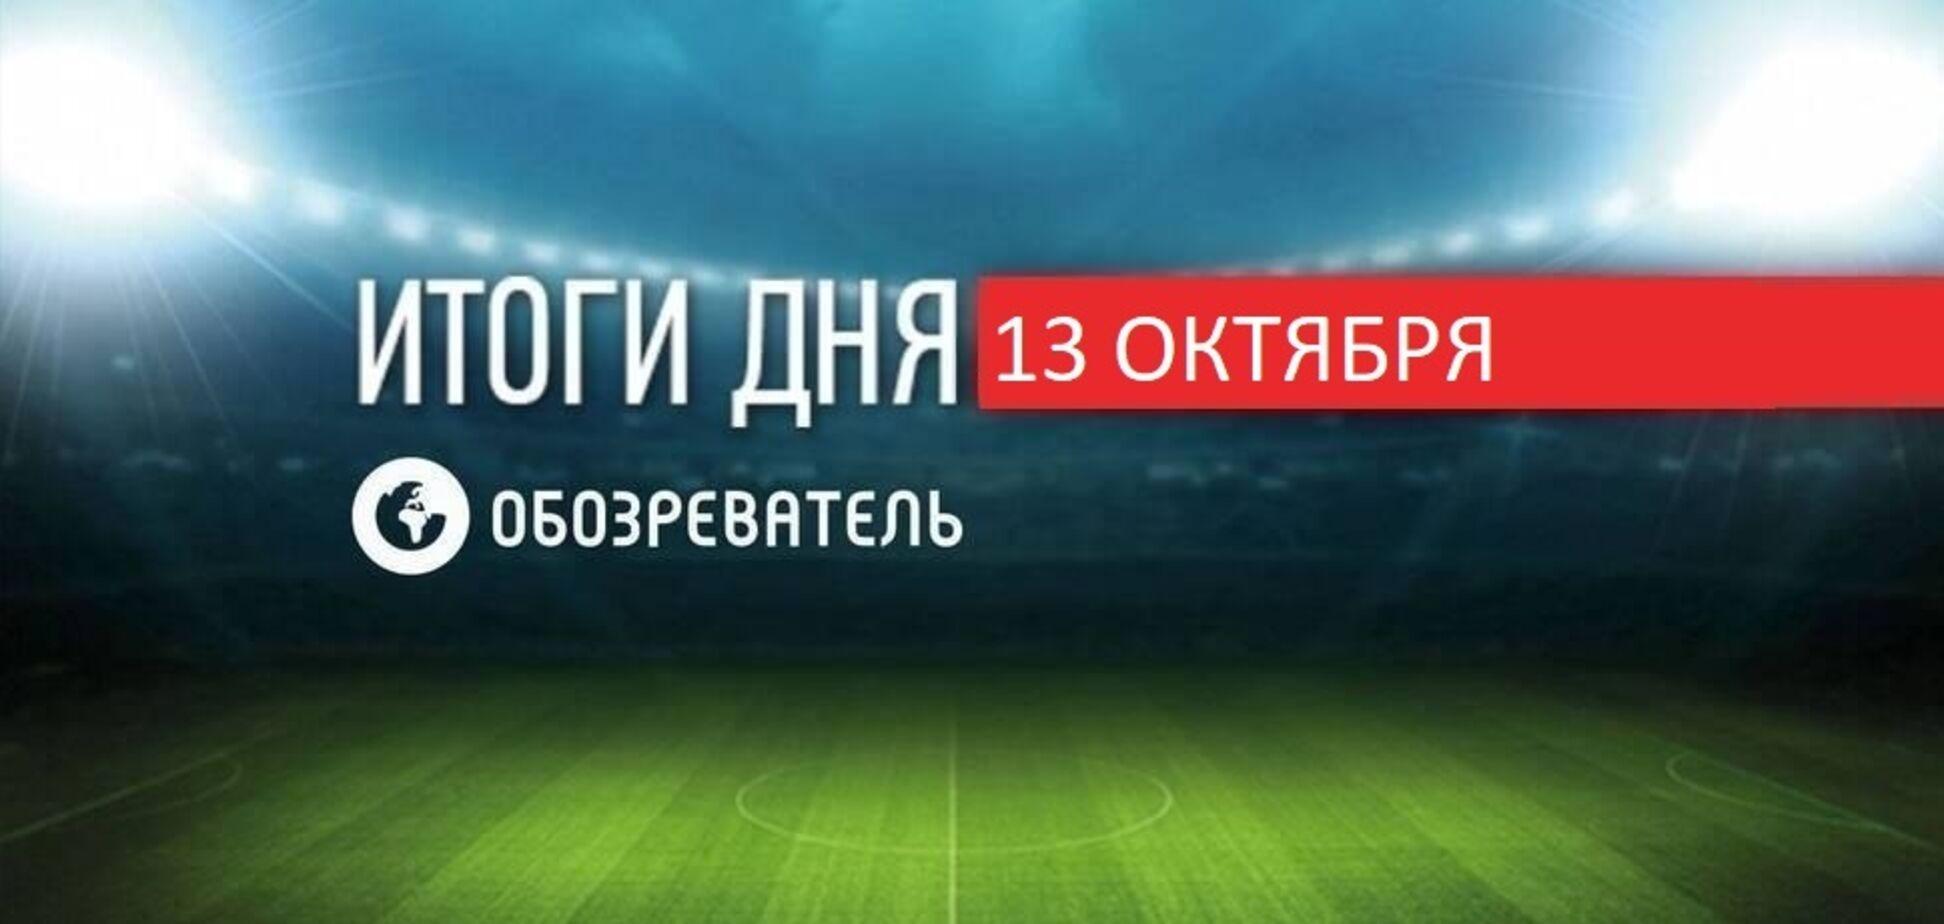 Украина впервые в истории обыграла Испанию: спортивные итоги 13 октября